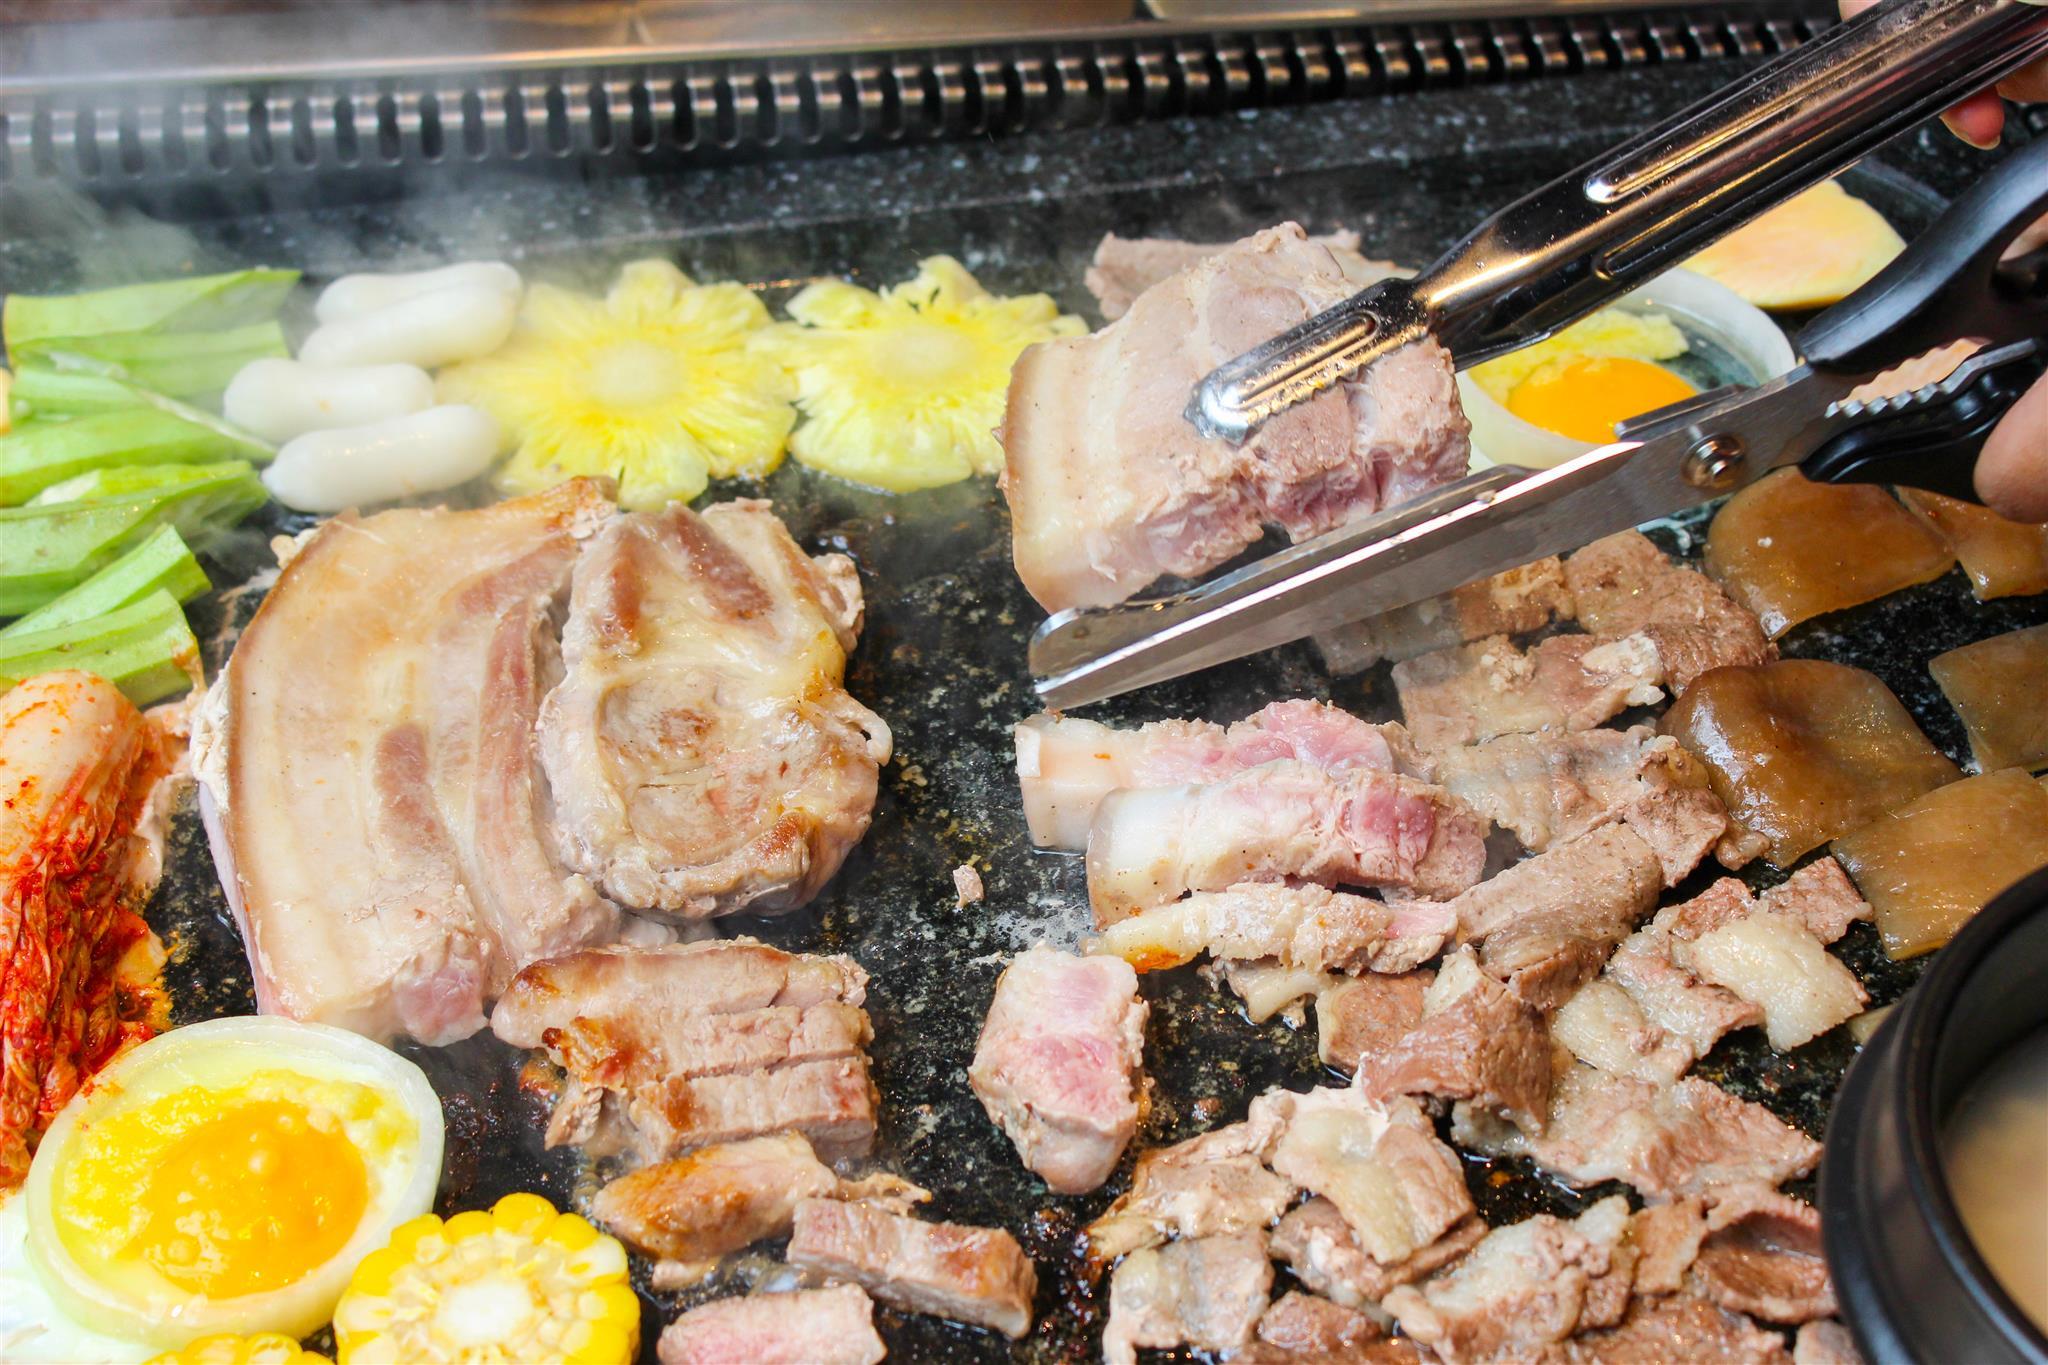 Thưởng thức buffet thịt nướng bàn đá độc đáo từ Hàn Quốc - Ảnh 3.